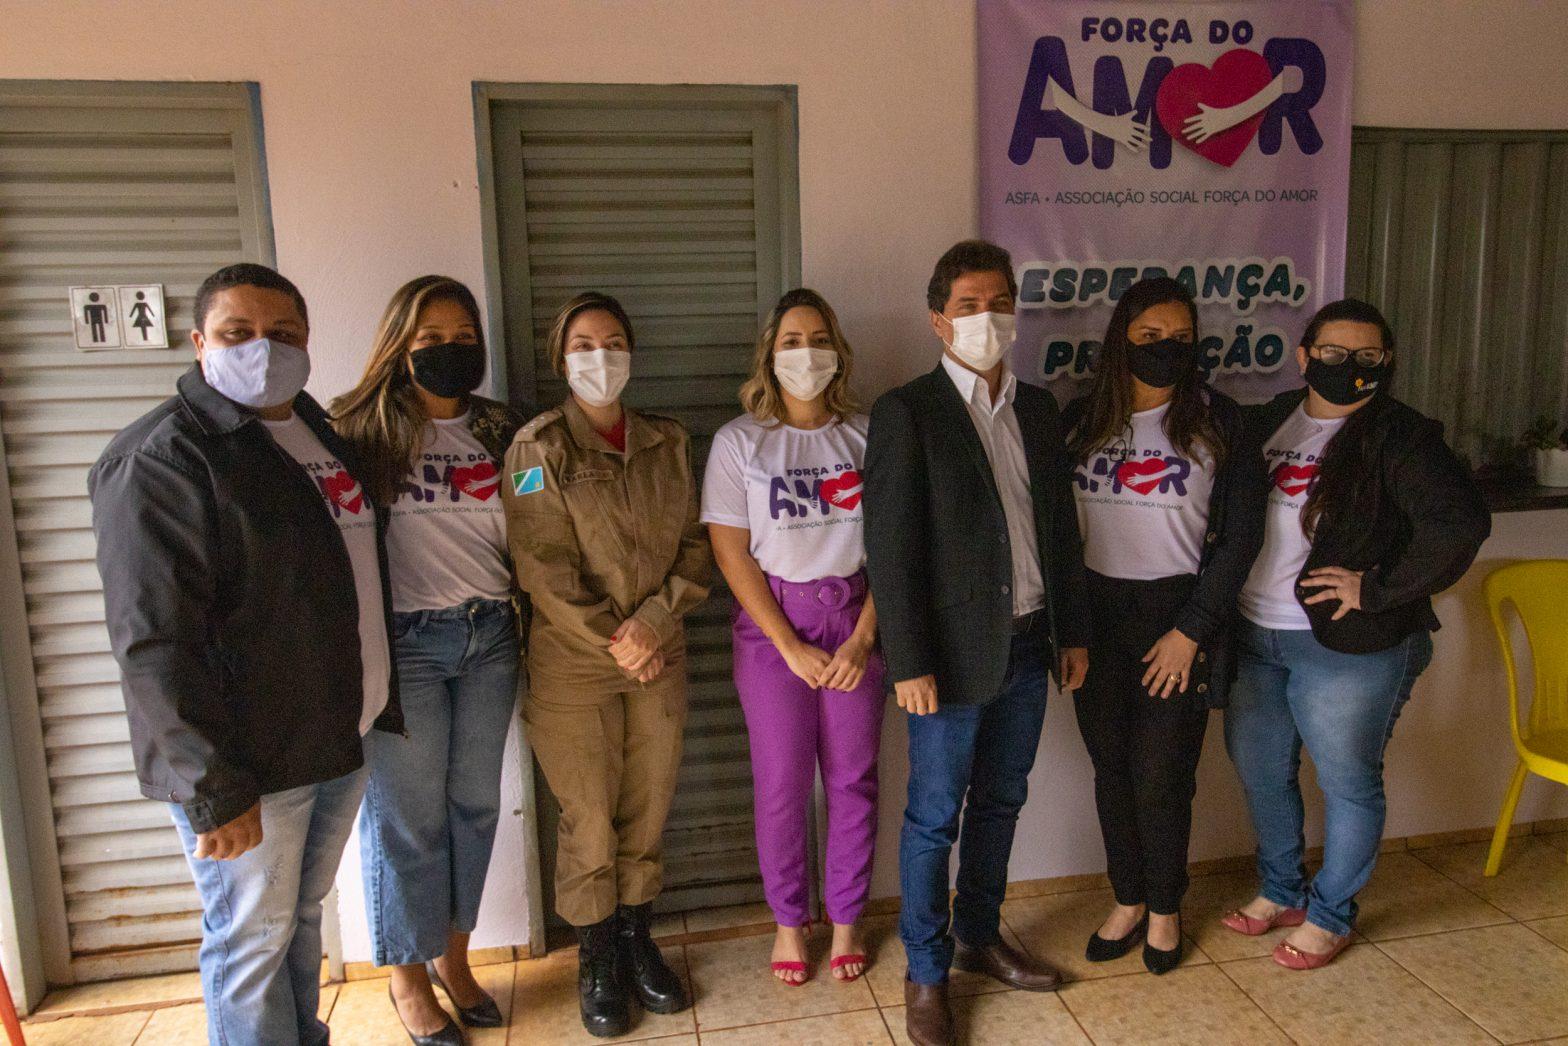 Maracaju: Associação Força do Amor Reinaugura em novo endereço